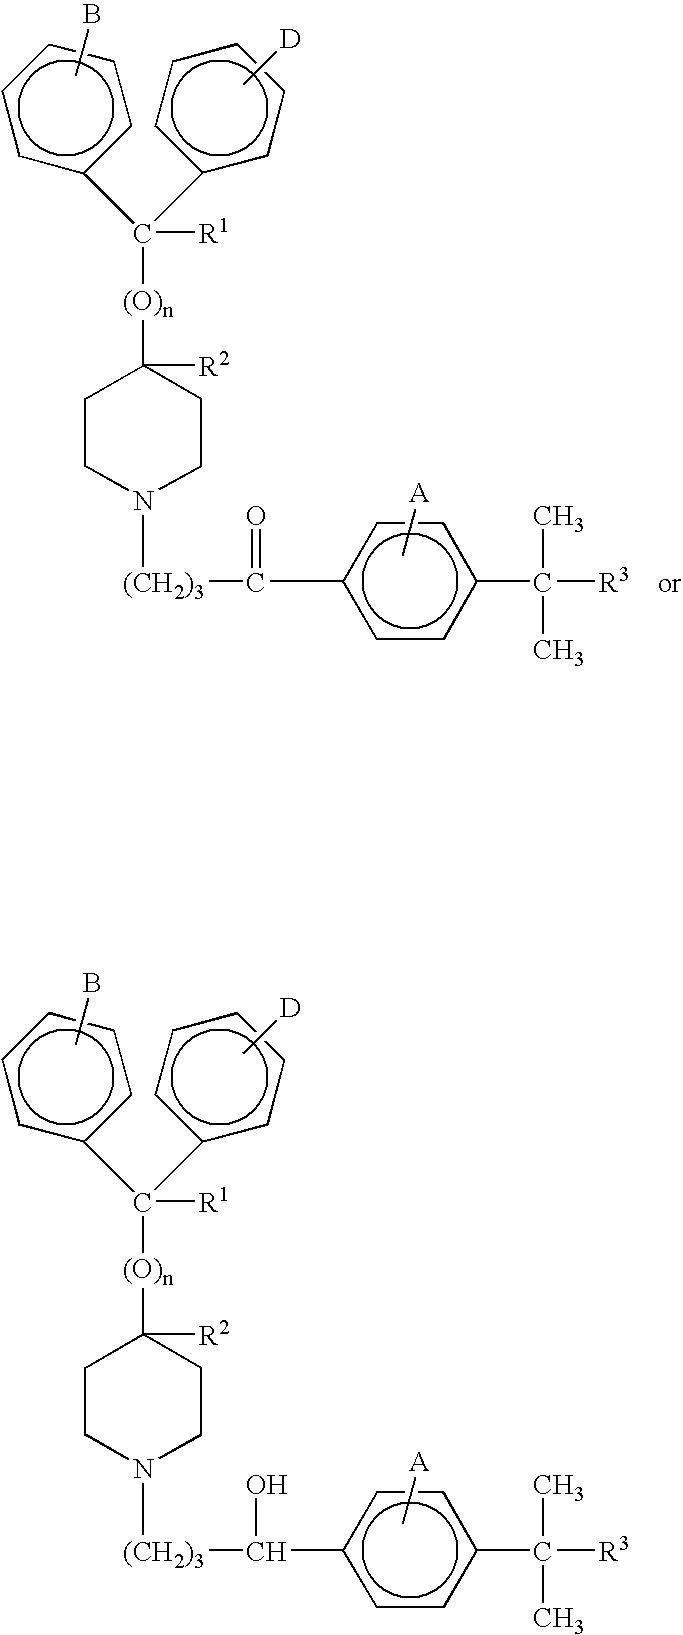 Figure US20070010677A1-20070111-C00077